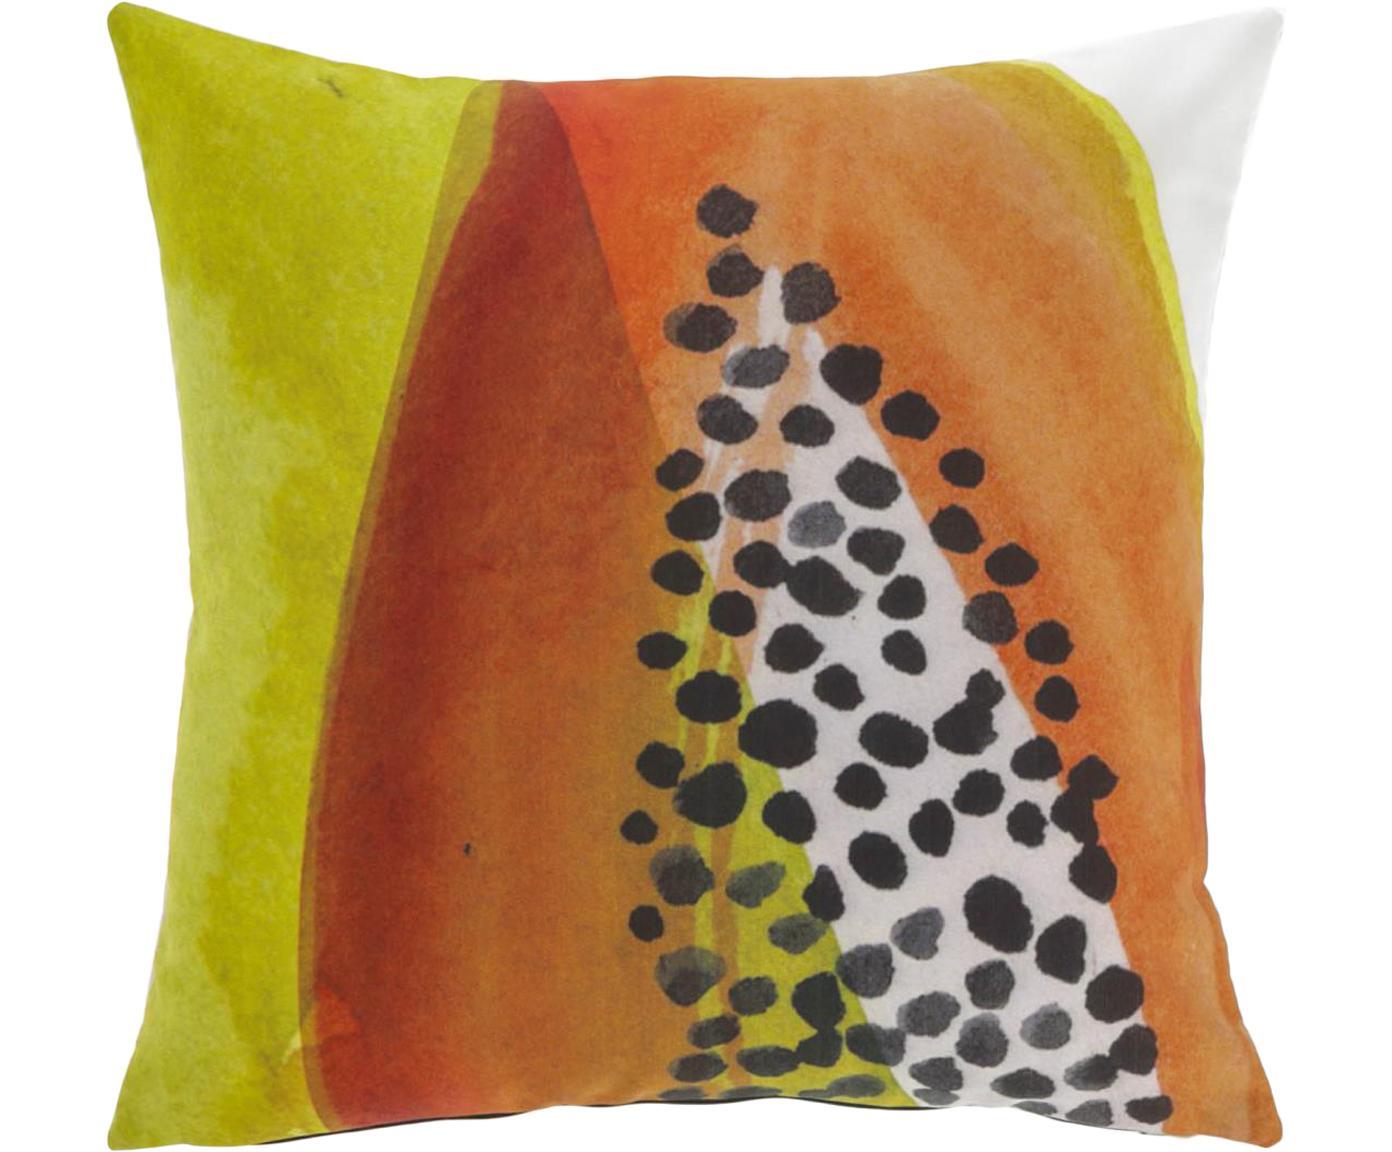 Poszewka na poduszkę Dikeledi, Bawełna, Wielobarwny, S 45 x D 45 cm